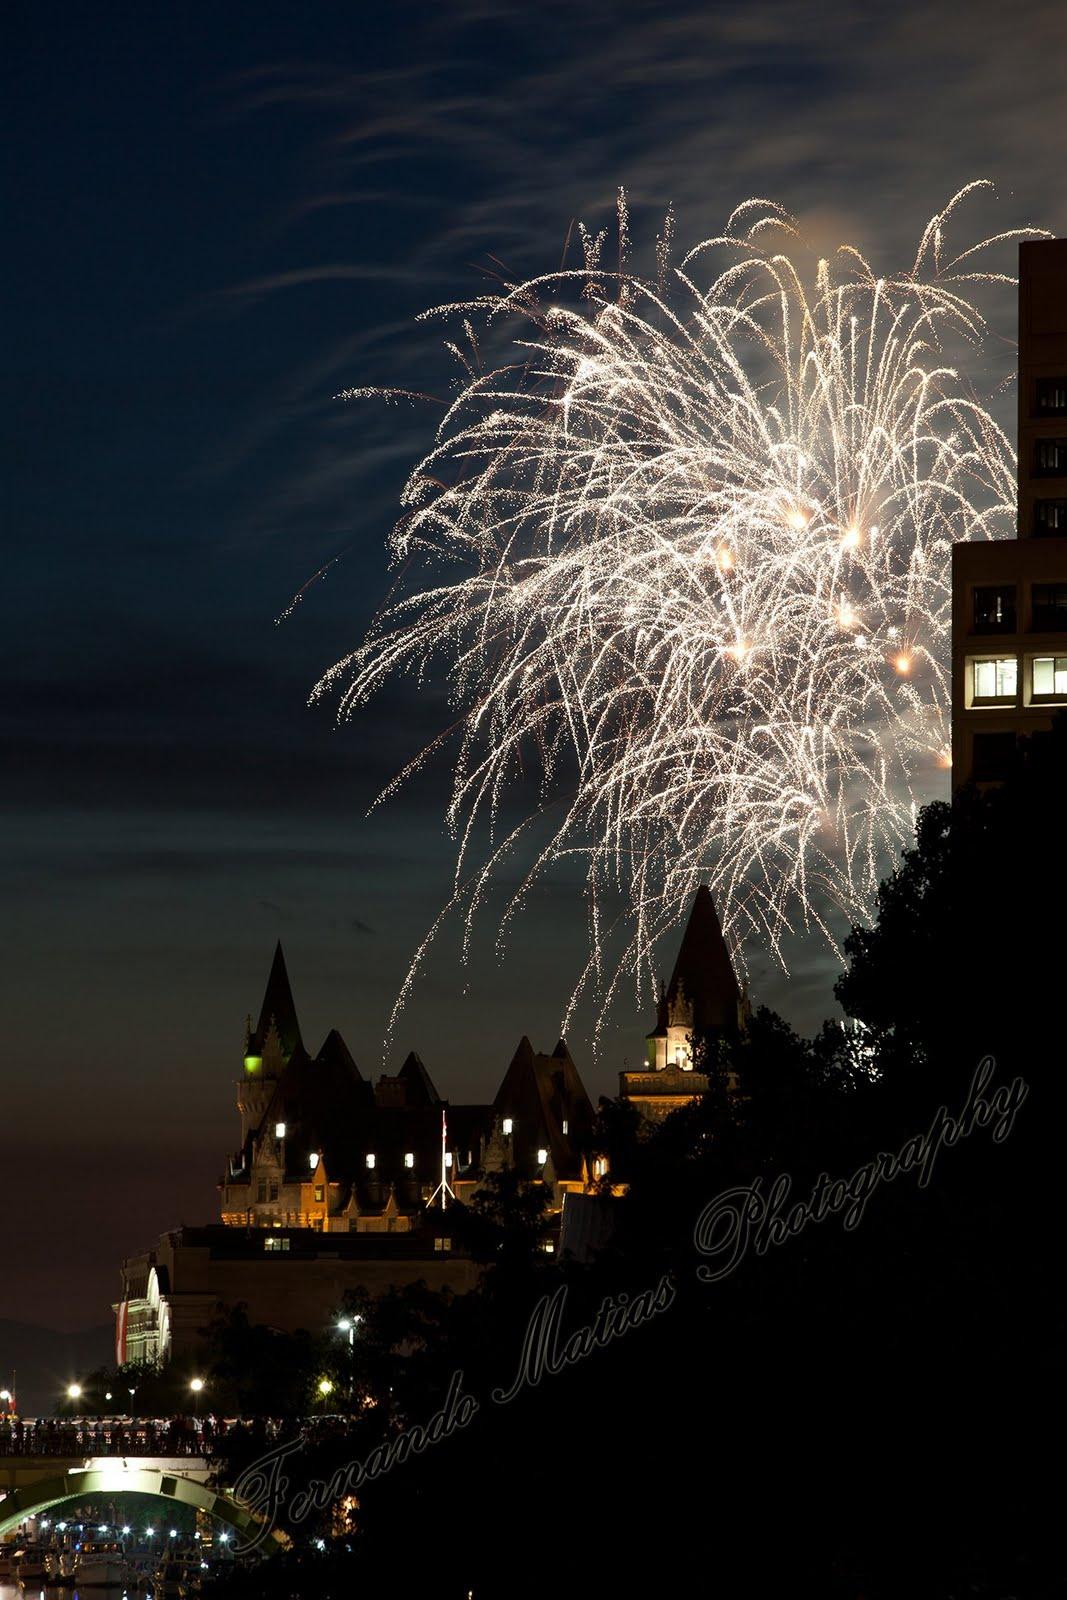 http://2.bp.blogspot.com/-N7X6nxZPAeQ/Tg_Pulx6-VI/AAAAAAAAC5g/TlZu_3zIu7U/s1600/Fireworks%252B2011-5.jpg